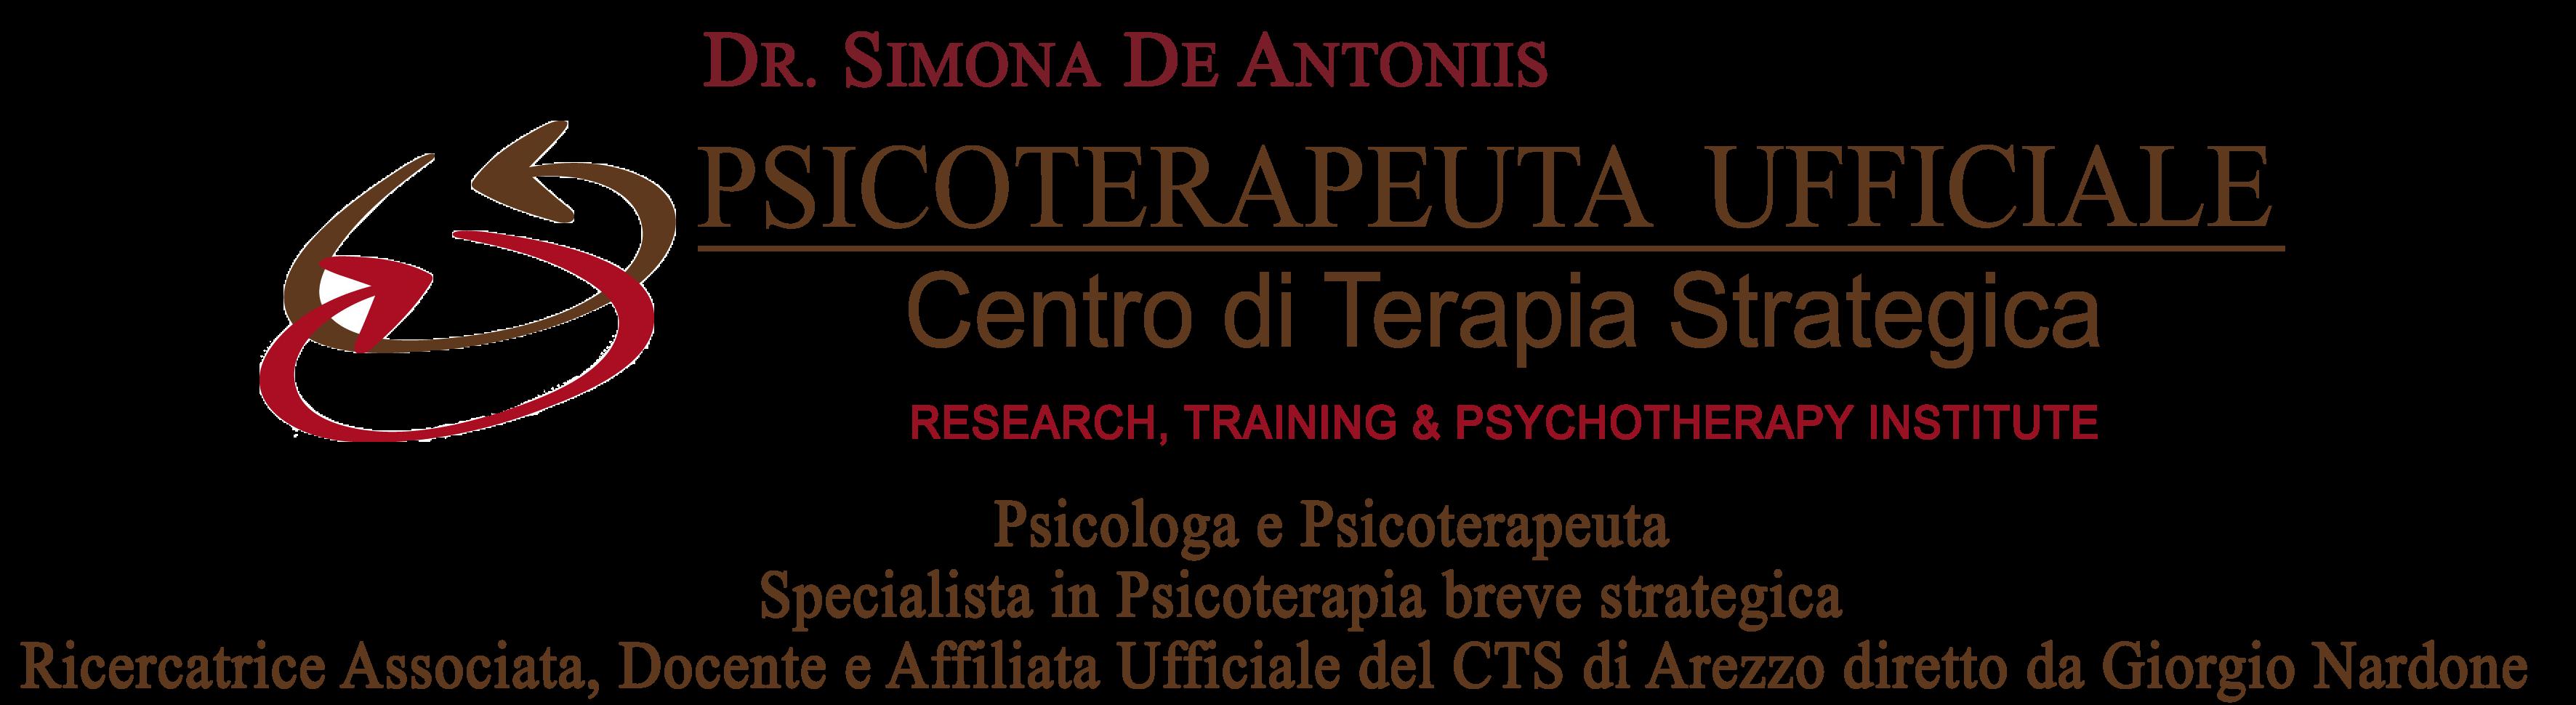 Psicologa e Psicoterapeuta Specialista in Psicoterapia Breve Strategica